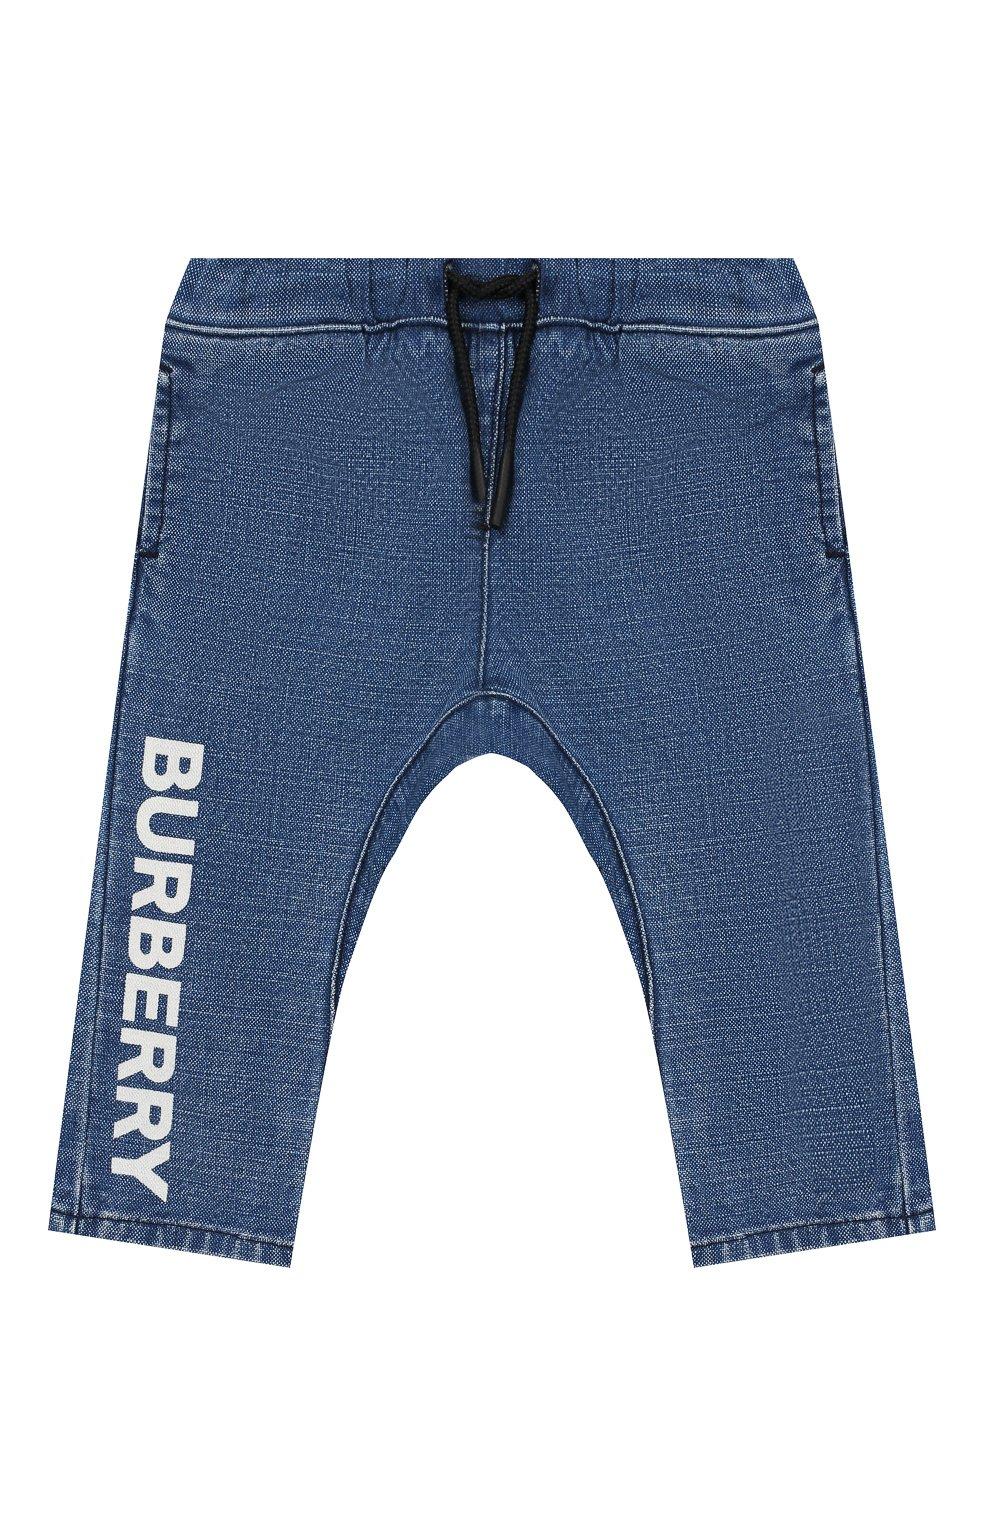 Детские джинсы BURBERRY темно-синего цвета, арт. 8014025 | Фото 1 (Материал внешний: Хлопок, Лен; Ростовка одежда: 12 мес | 80 см, 18 мес | 86 см, 3 года | 98 см, 24 мес | 92 см)